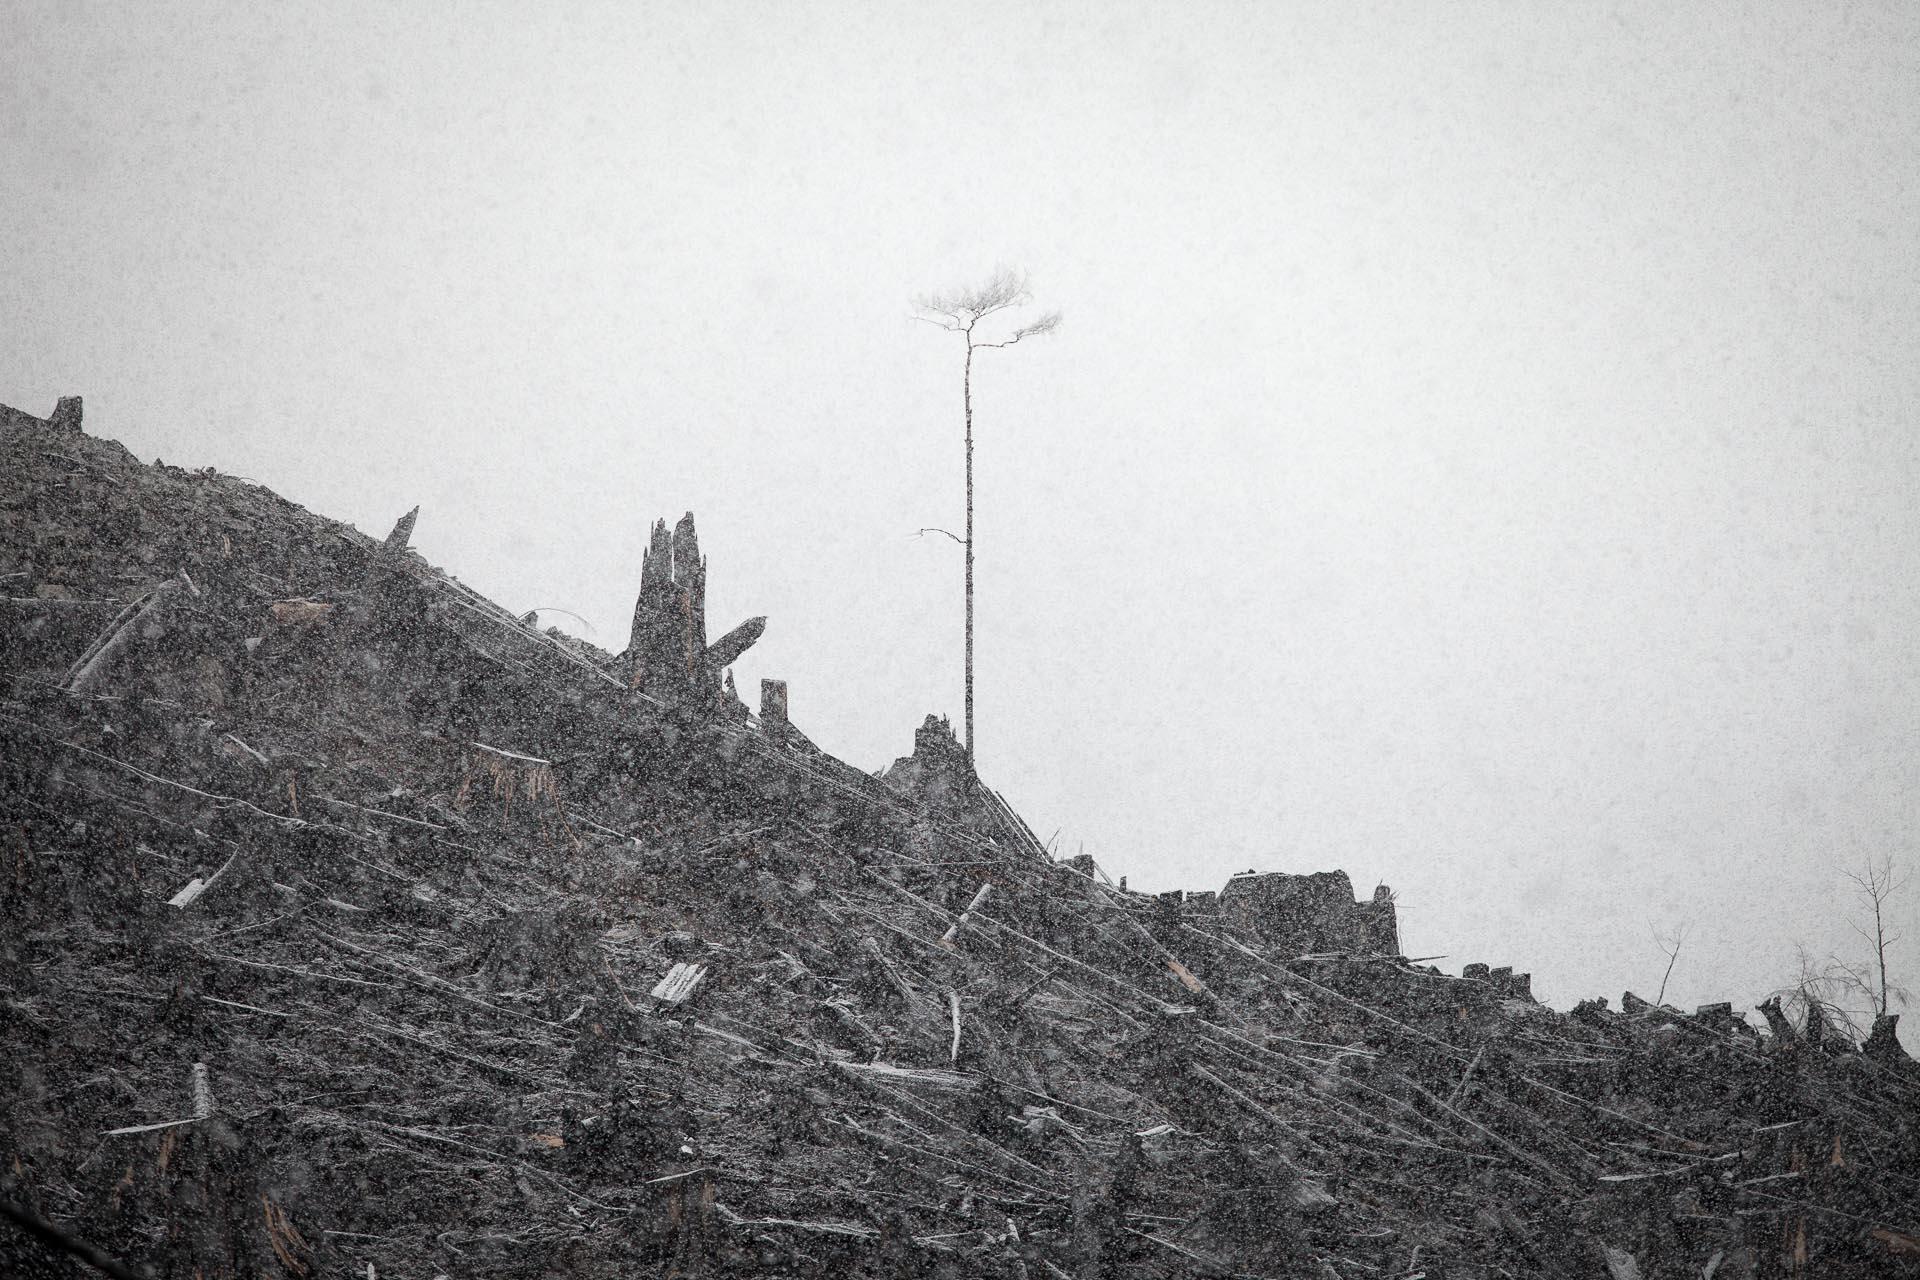 lone-tree-burnt-clearcut-klanawa.jpg